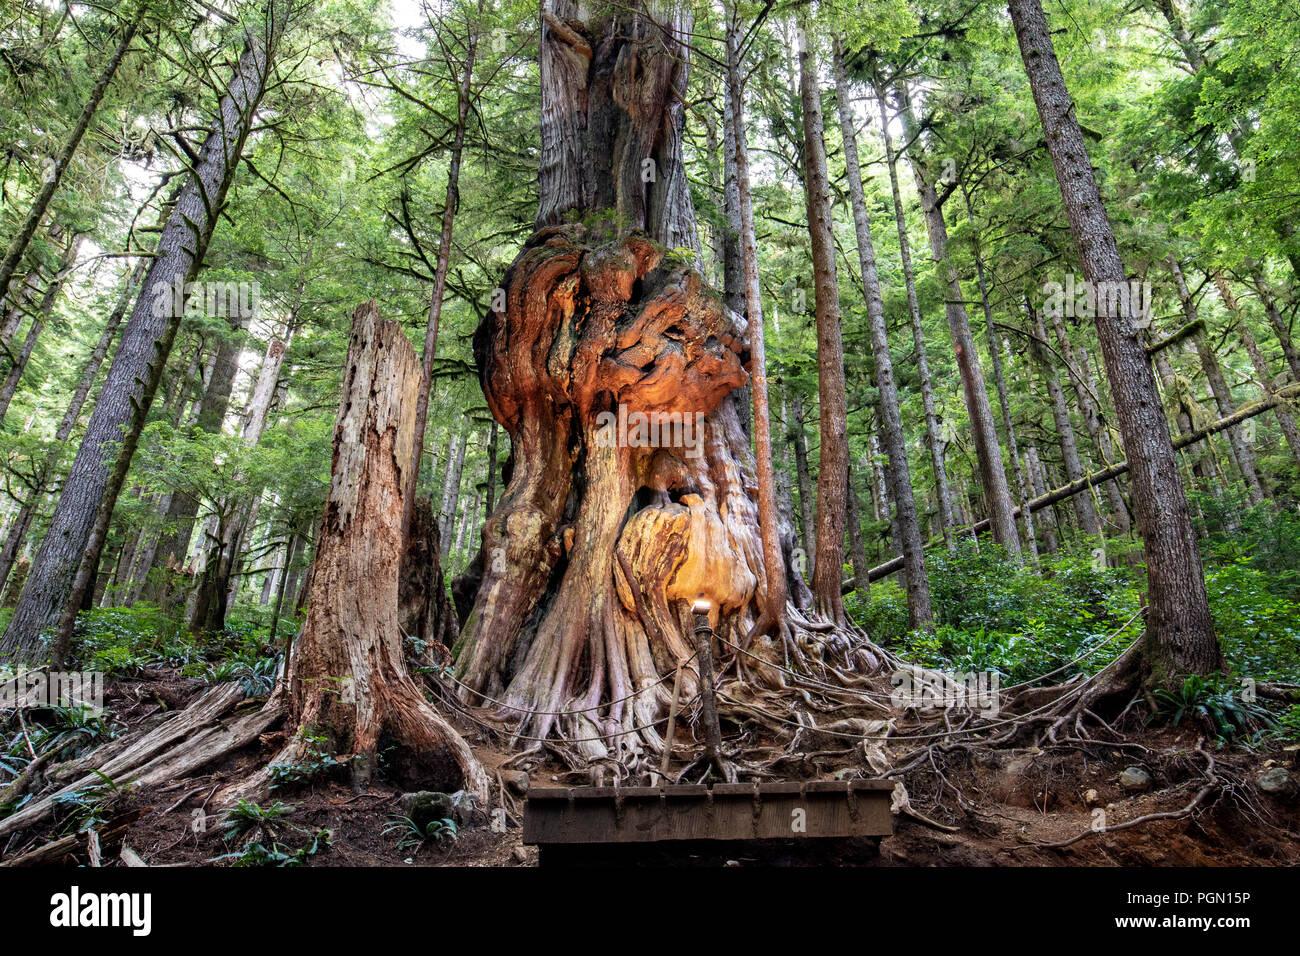 Canada's gnarliest tree - Avatar Grove - vicino a Port Renfrew, Isola di Vancouver, British Columbia, Canada Immagini Stock